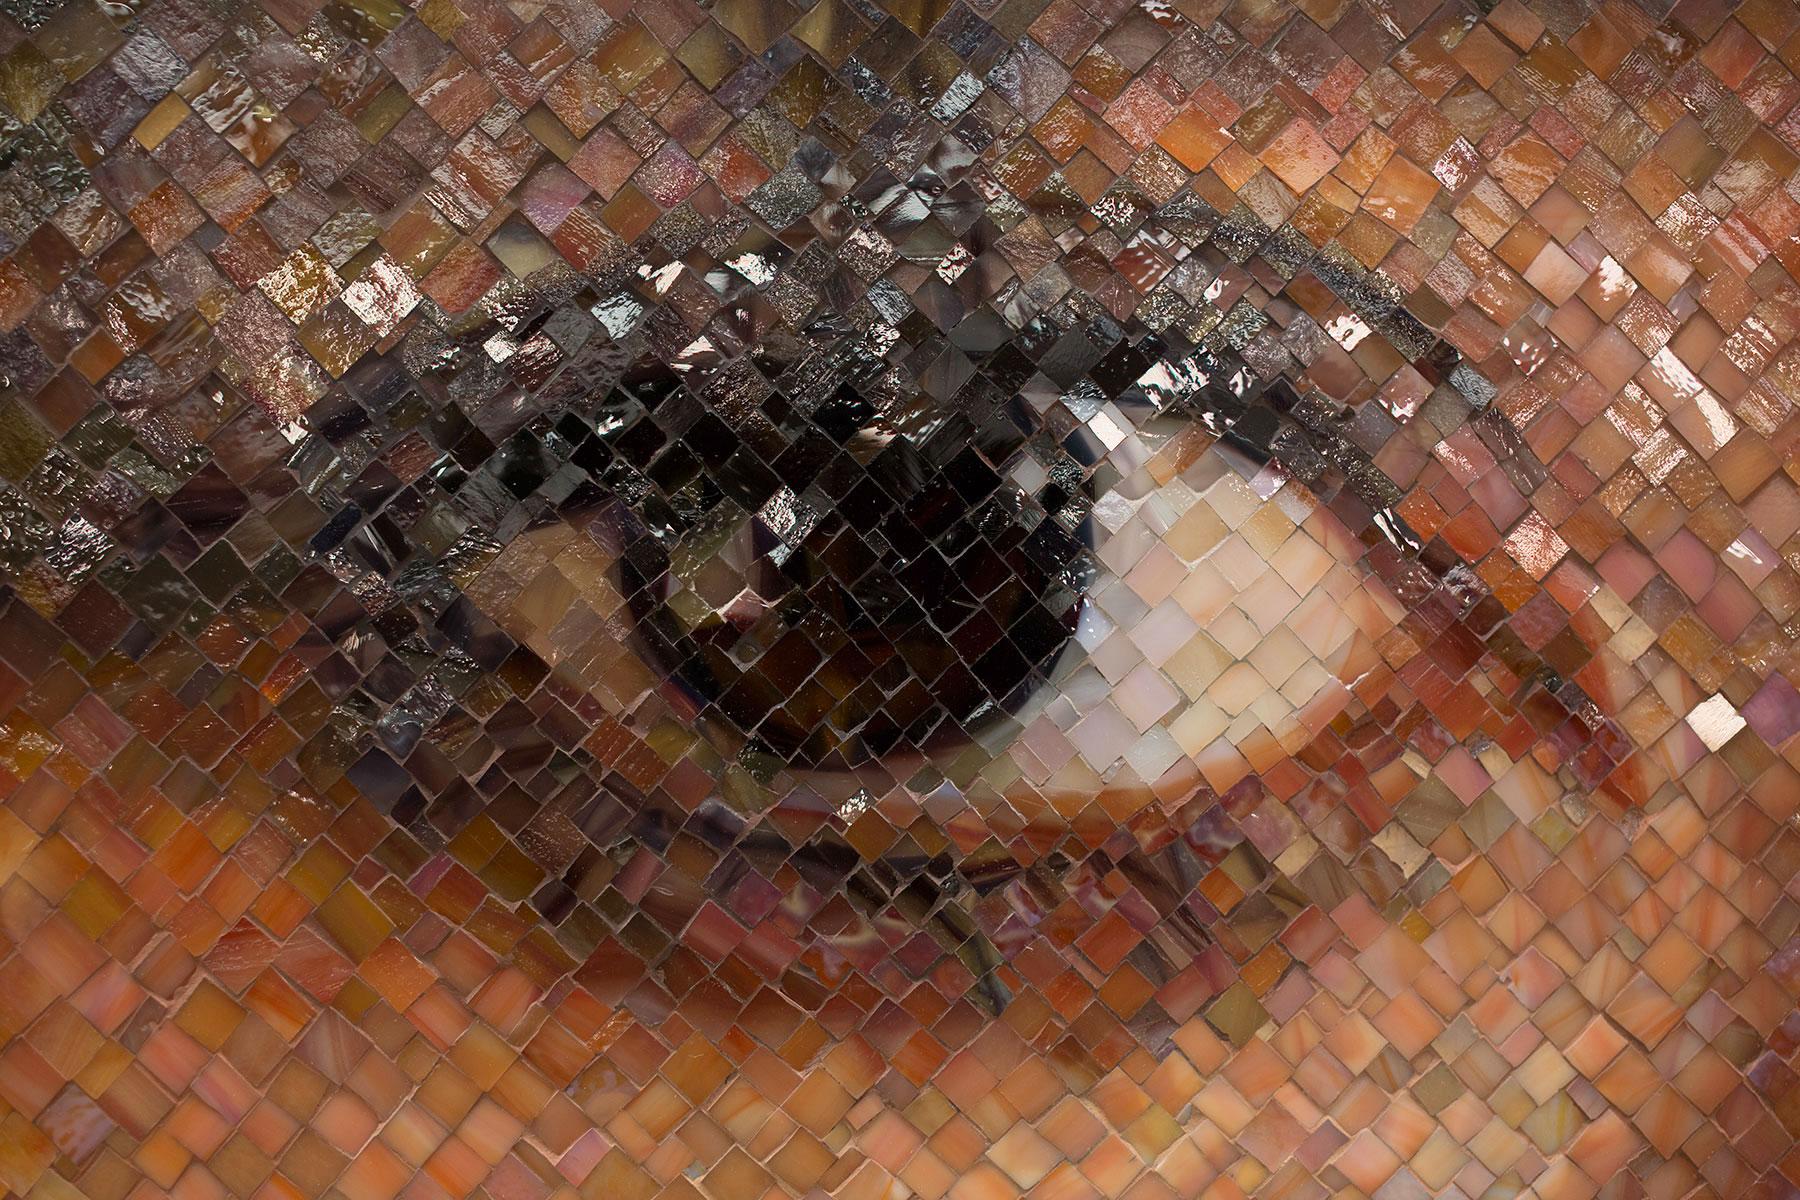 Sienna_Chuck Close Subway Portraits detail